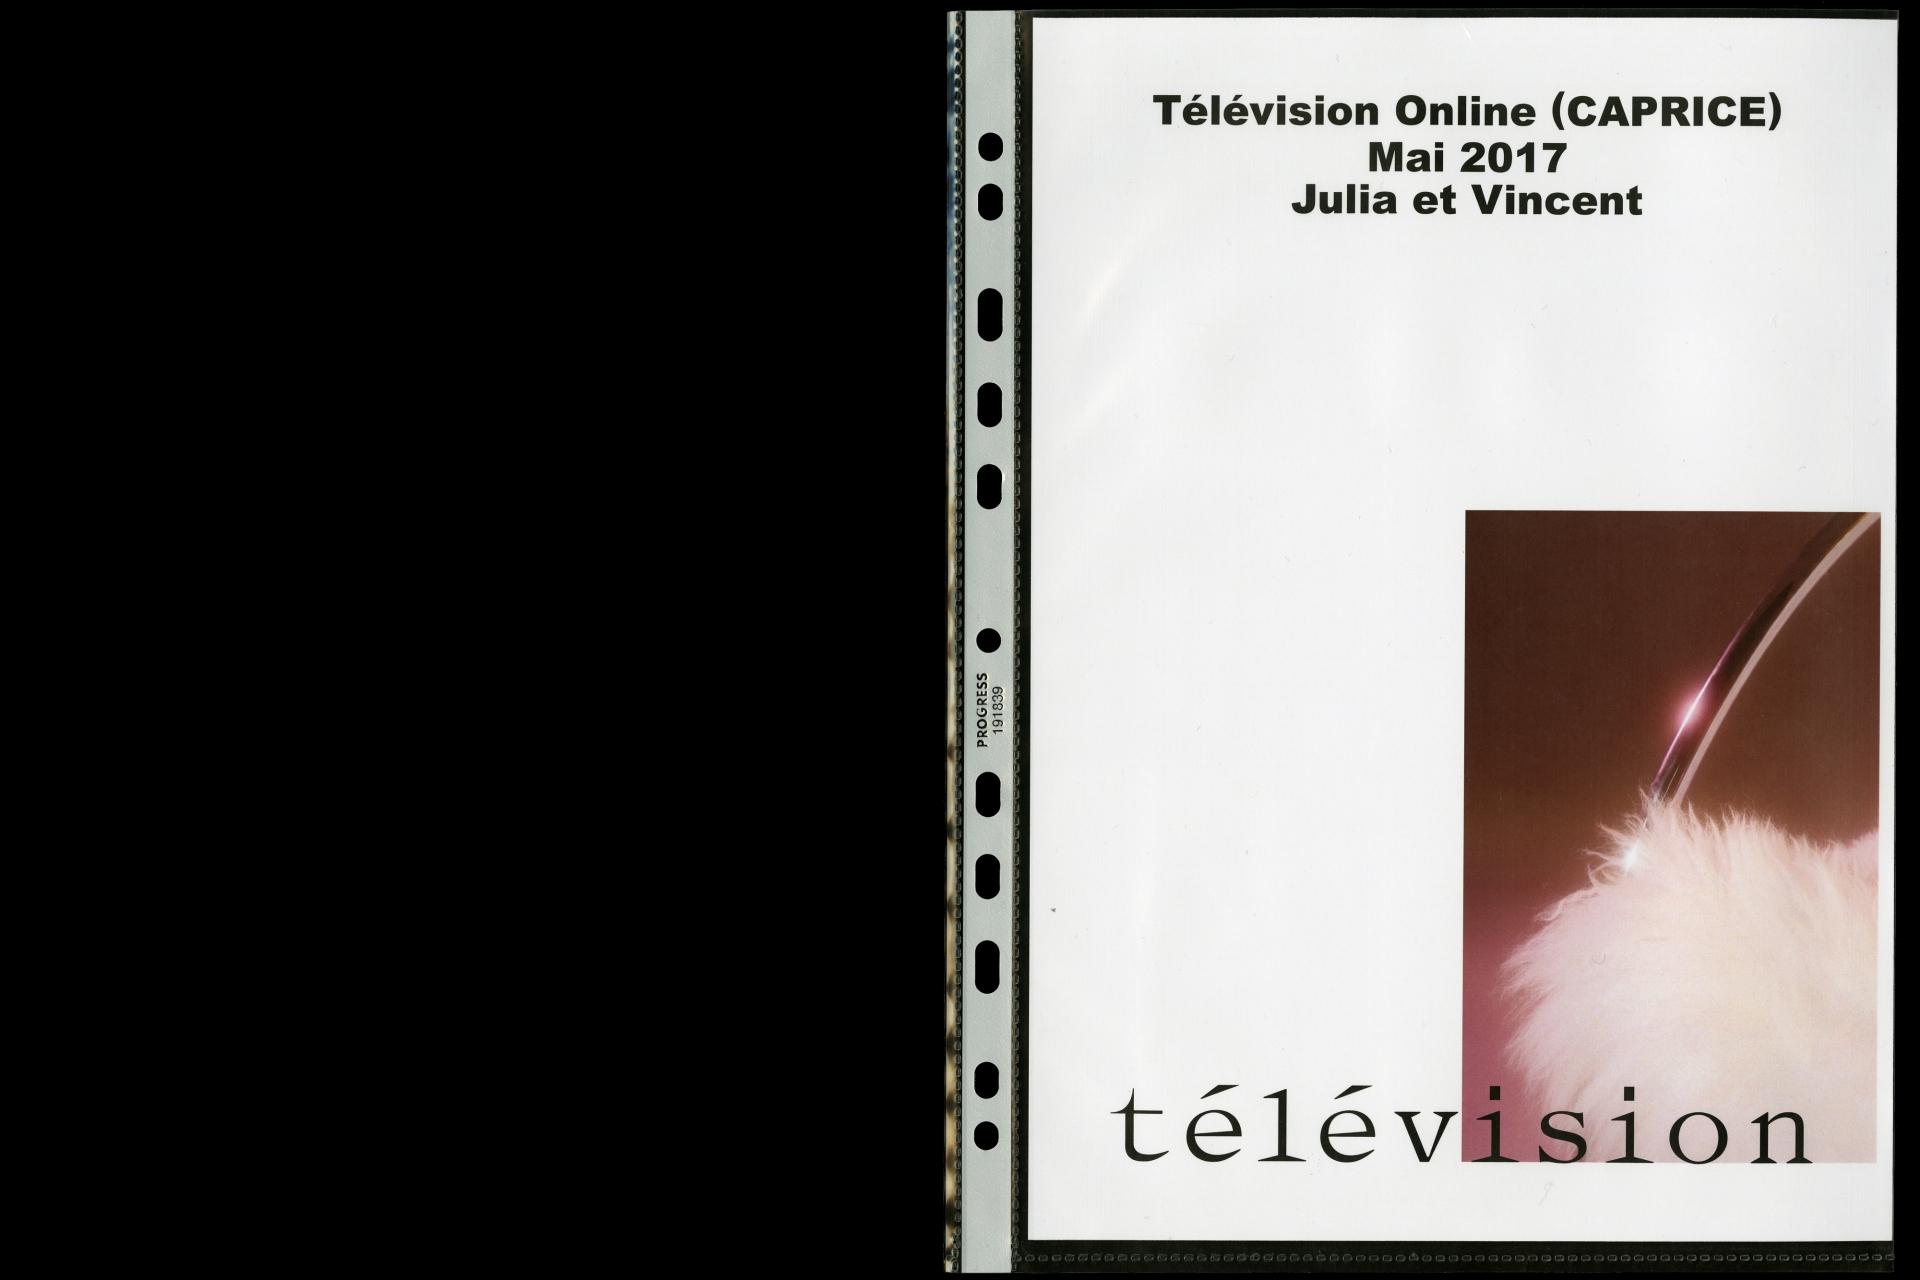 Télévision OL 1701 JV 017 CAPRICE (JV)